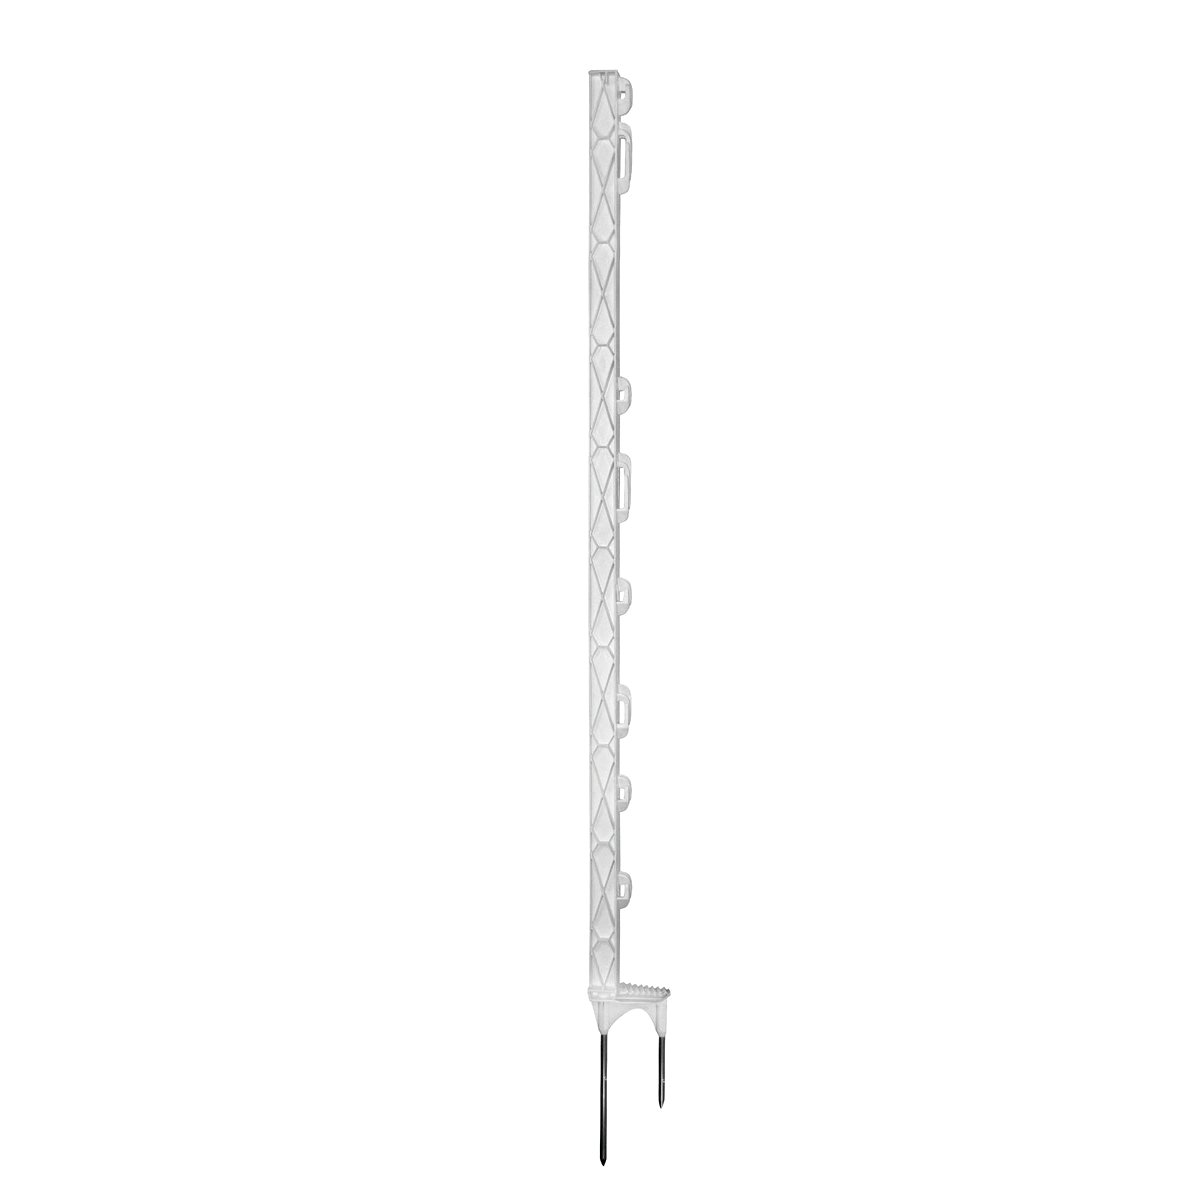 Abbildung von Ako TITAN PRO Kunststoffpfahl, Doppelspitze, Weiß 157cm